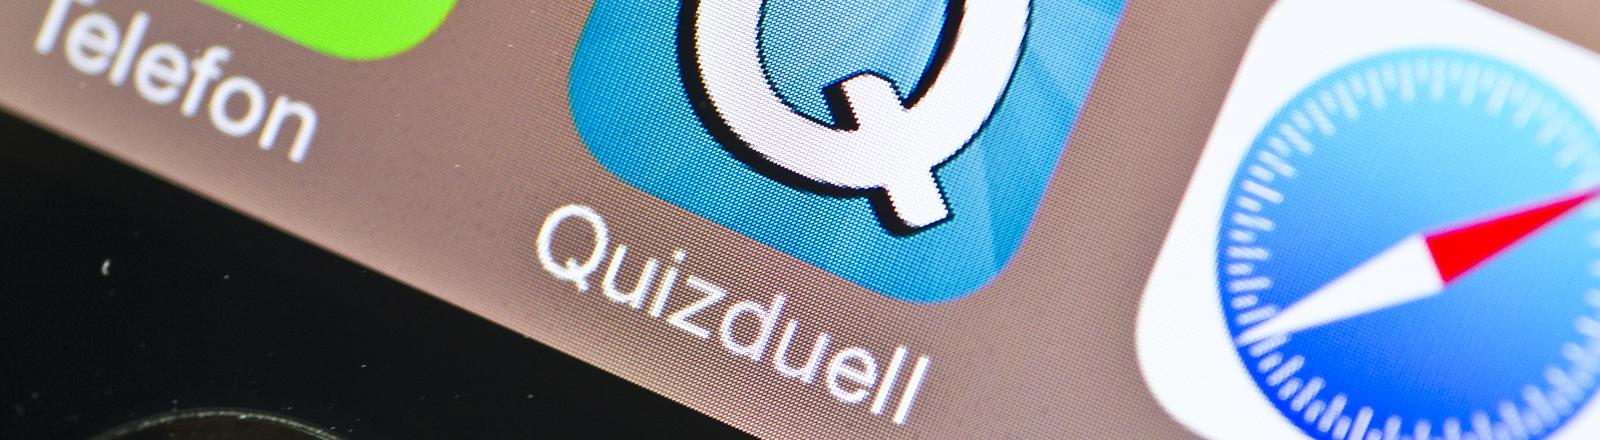 Die App Quizduell (M) ist am 21.02.2014 auf einem Smartphone in Berlin zu sehen.